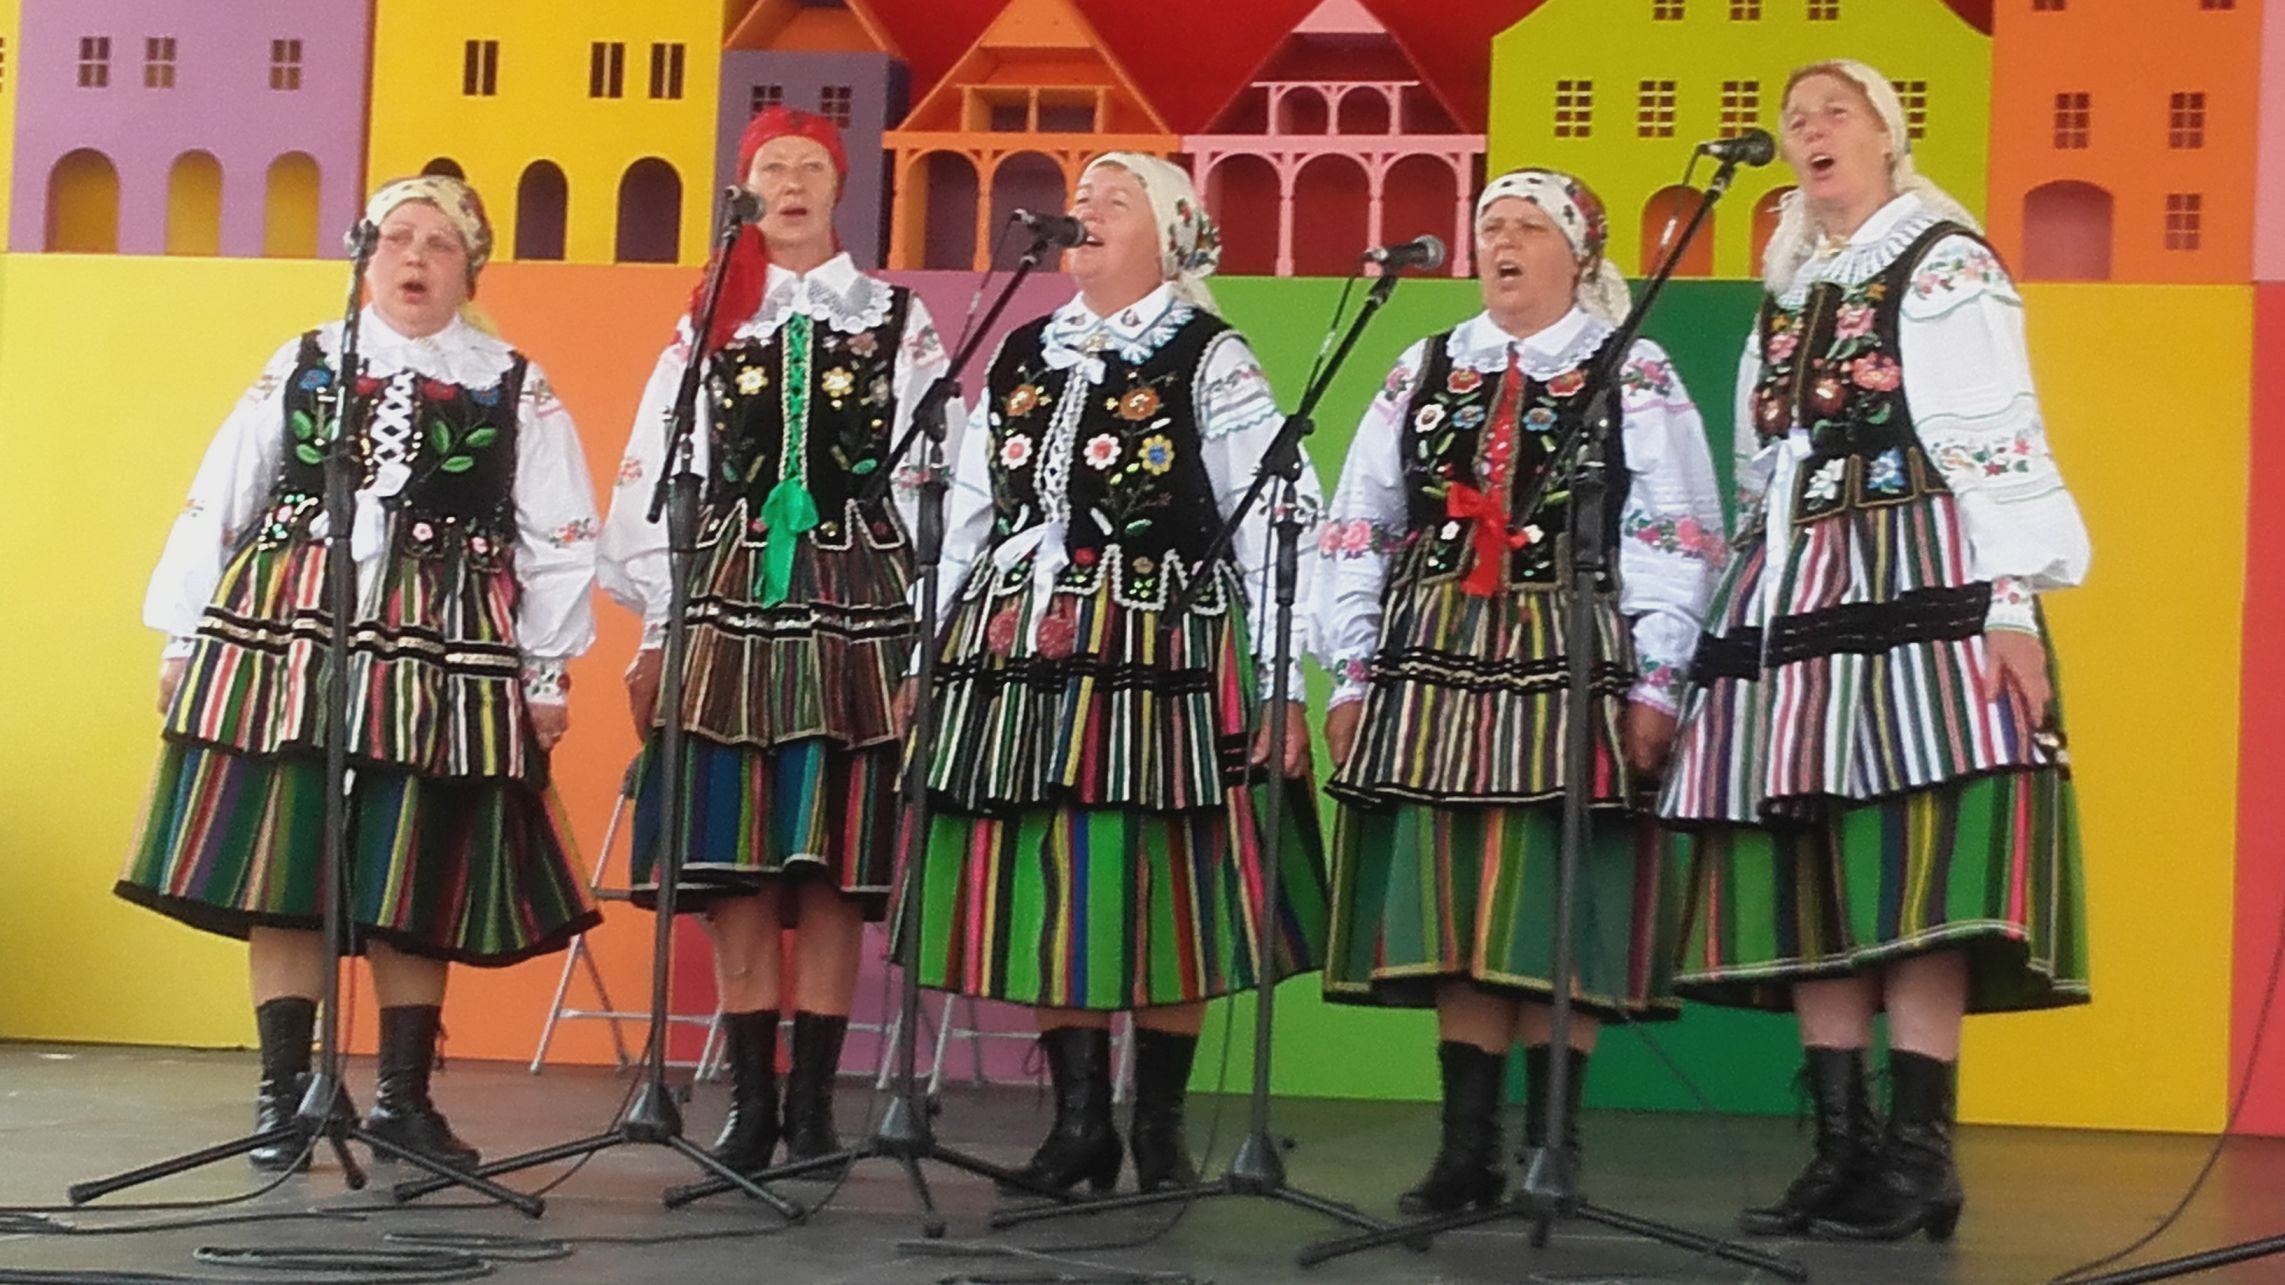 2016-06-25 Kazimierz Dolny - festiwal (28)